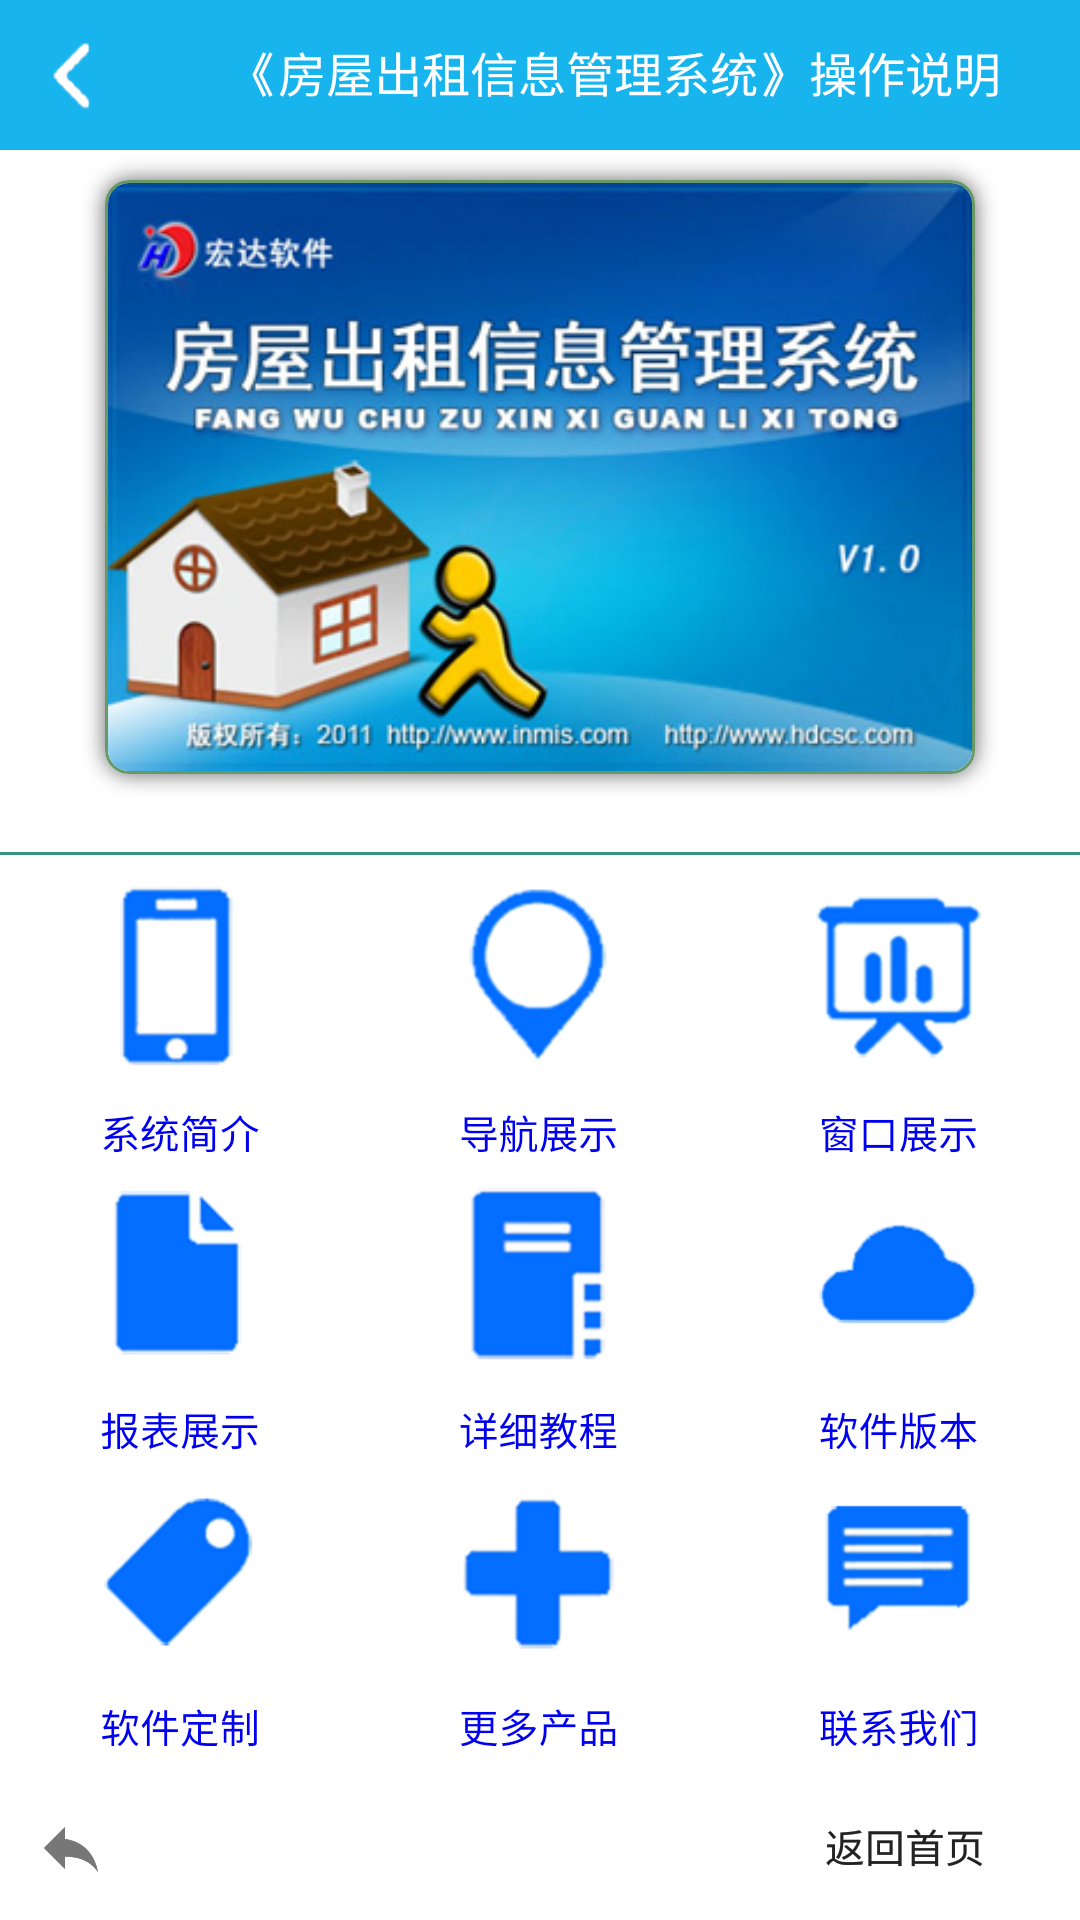 房屋出租信息管理系统